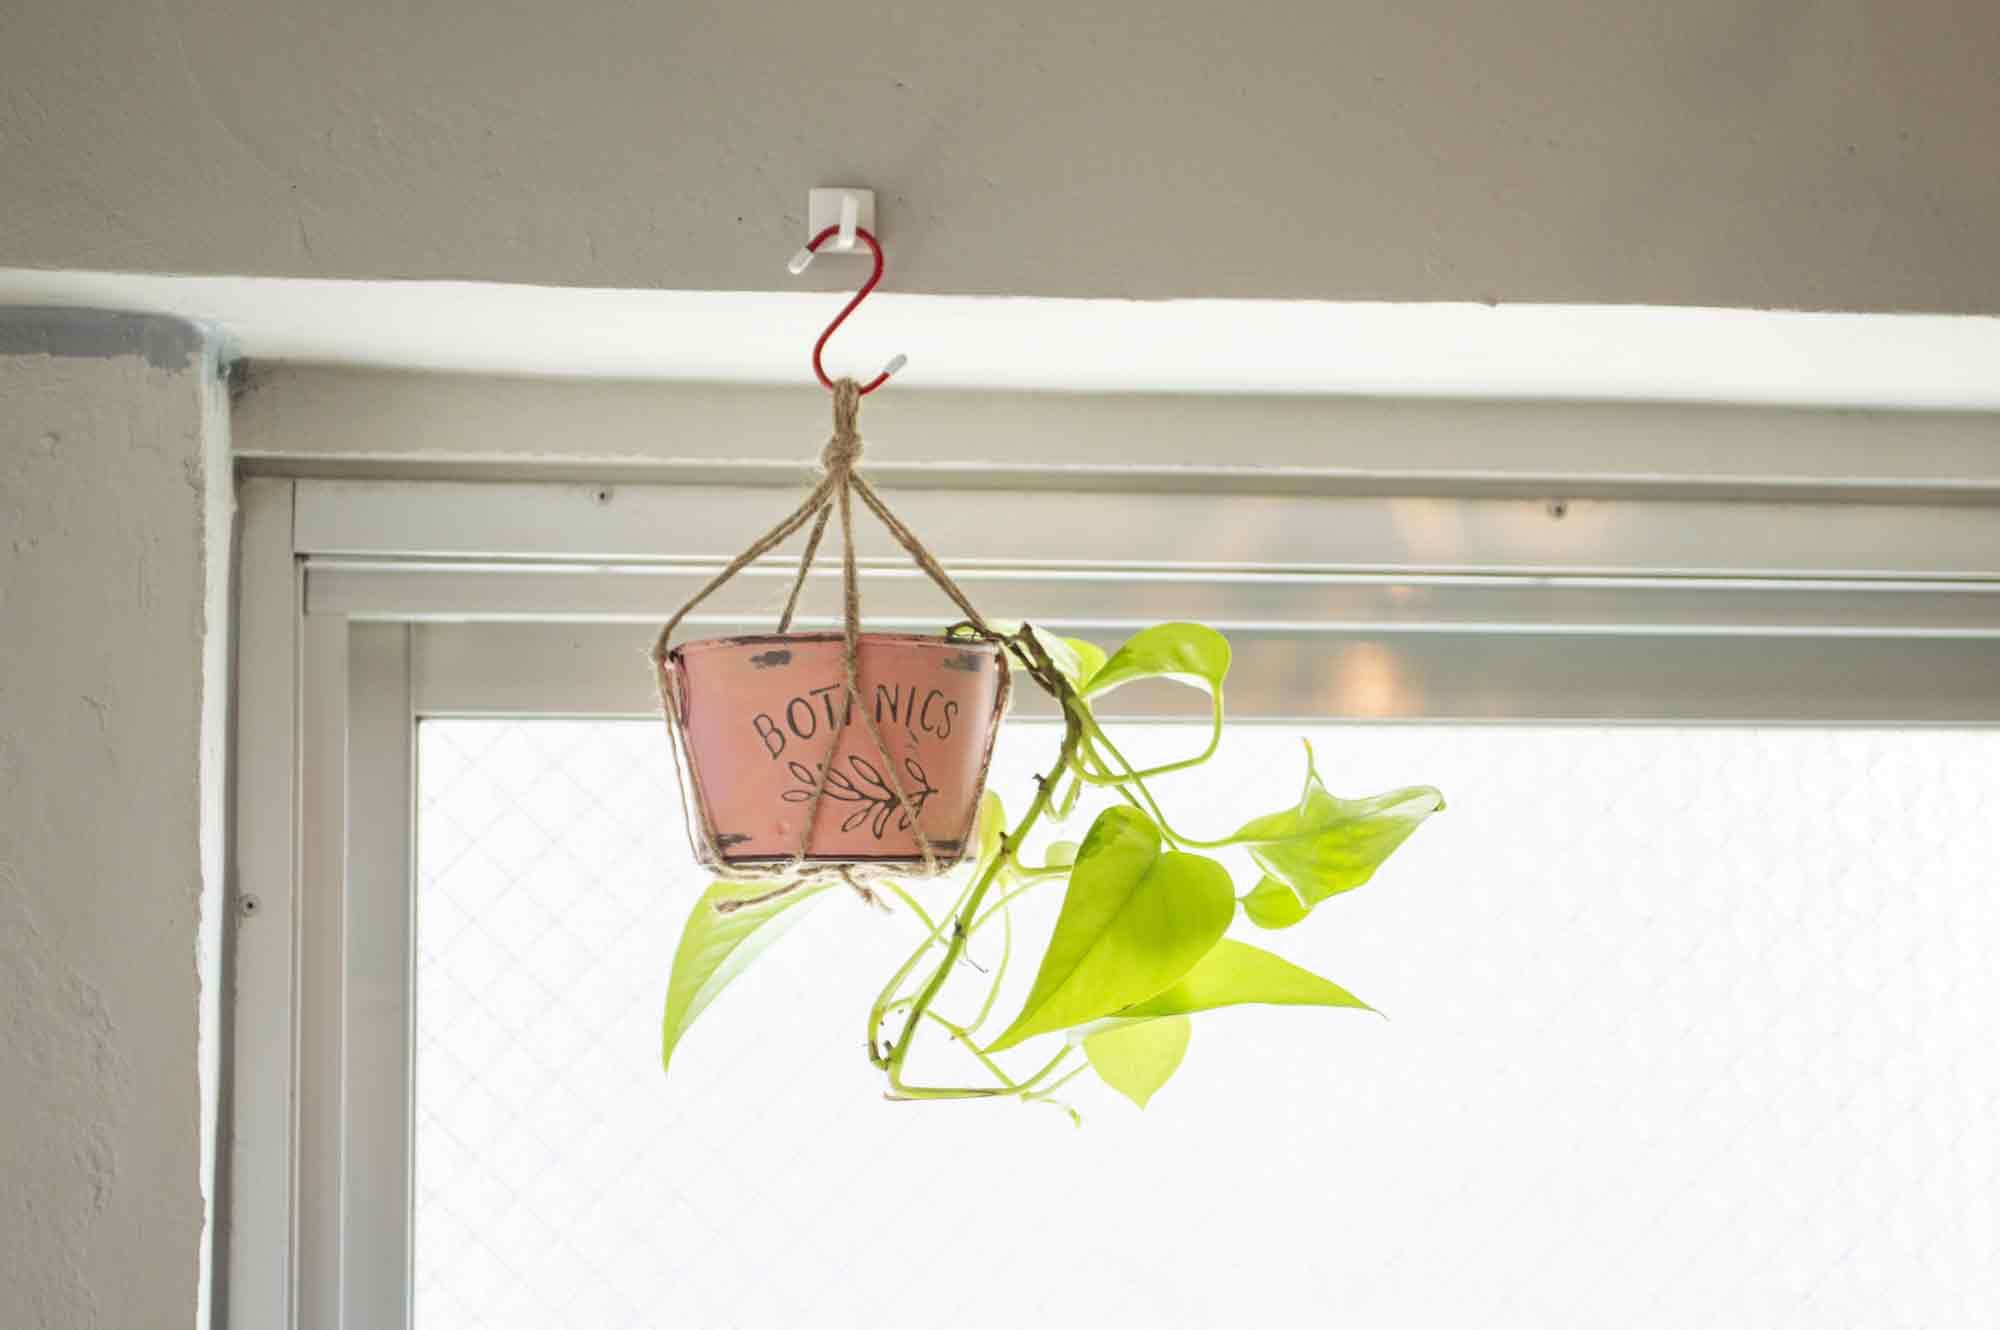 コンクリート壁に取り付けたフックに300gを超える観葉植物を掛ける